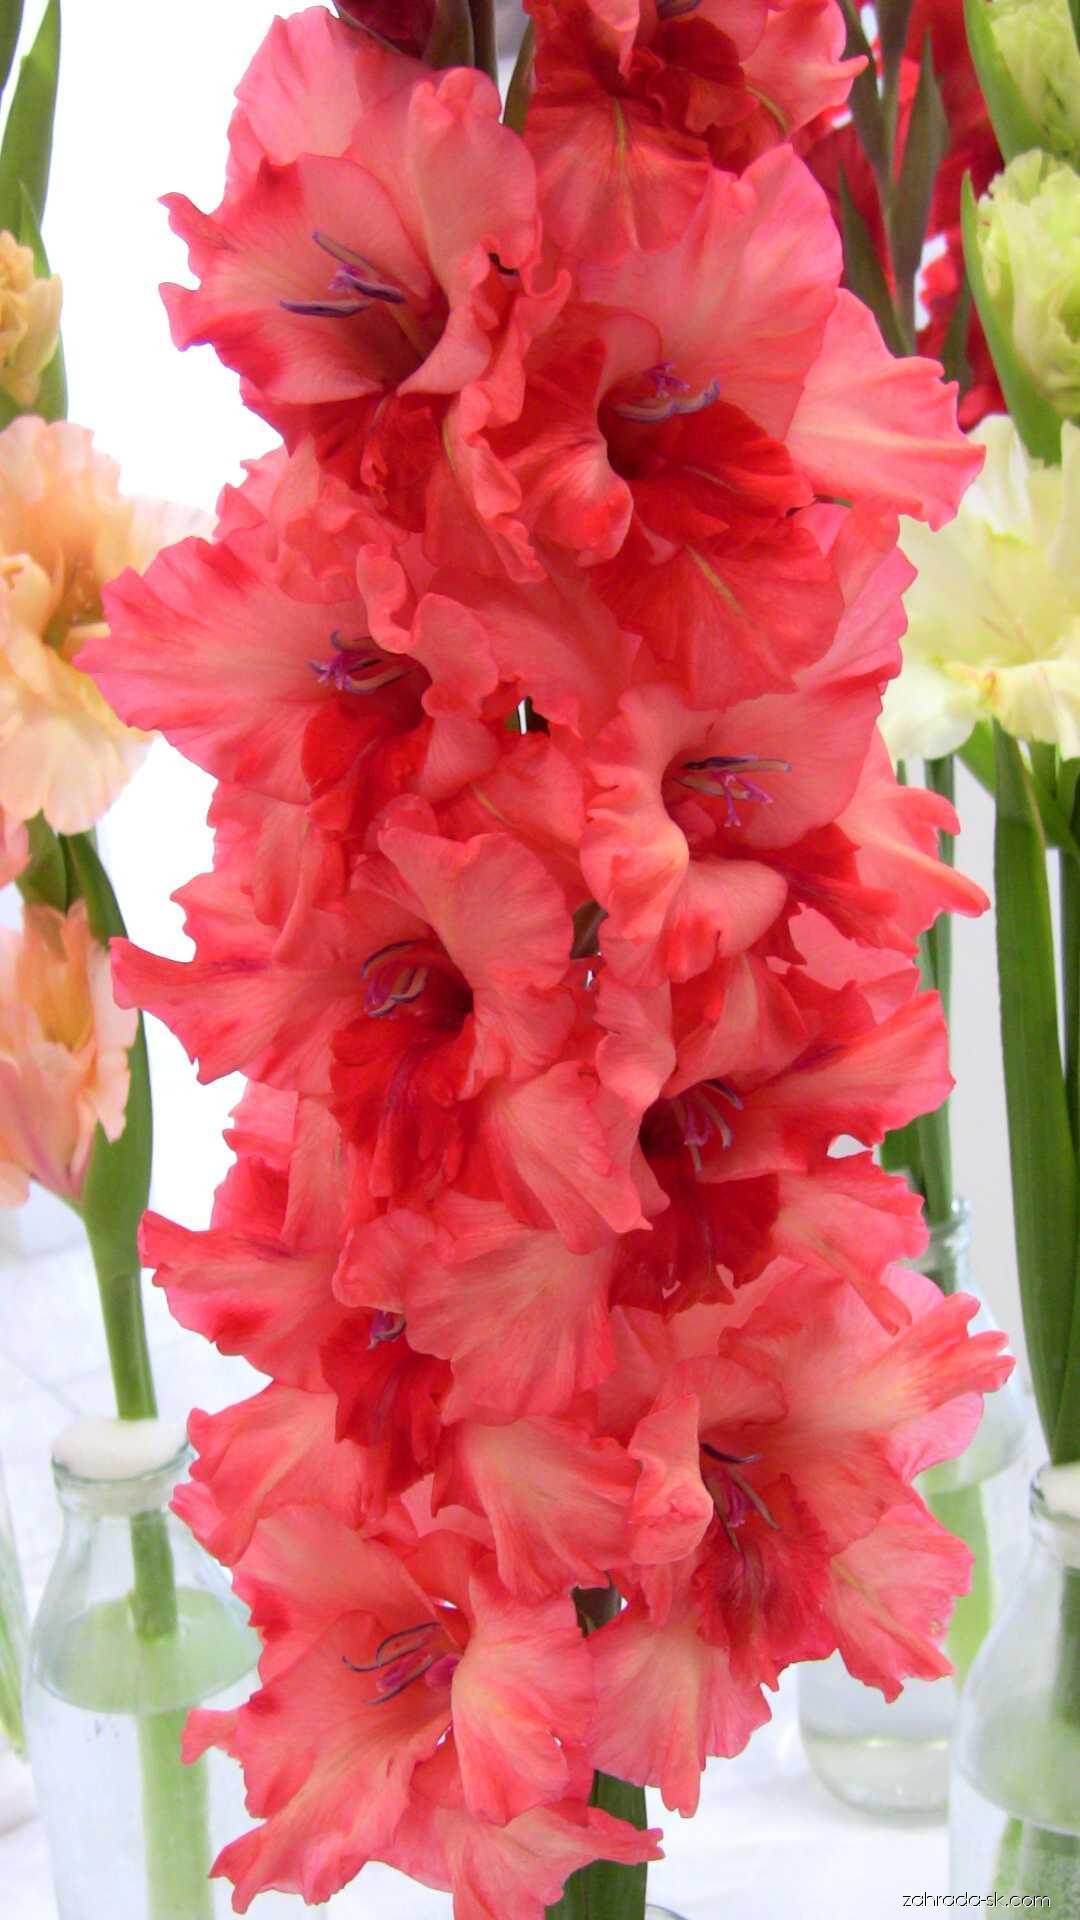 Mečík - Gladiolus Ružové sny